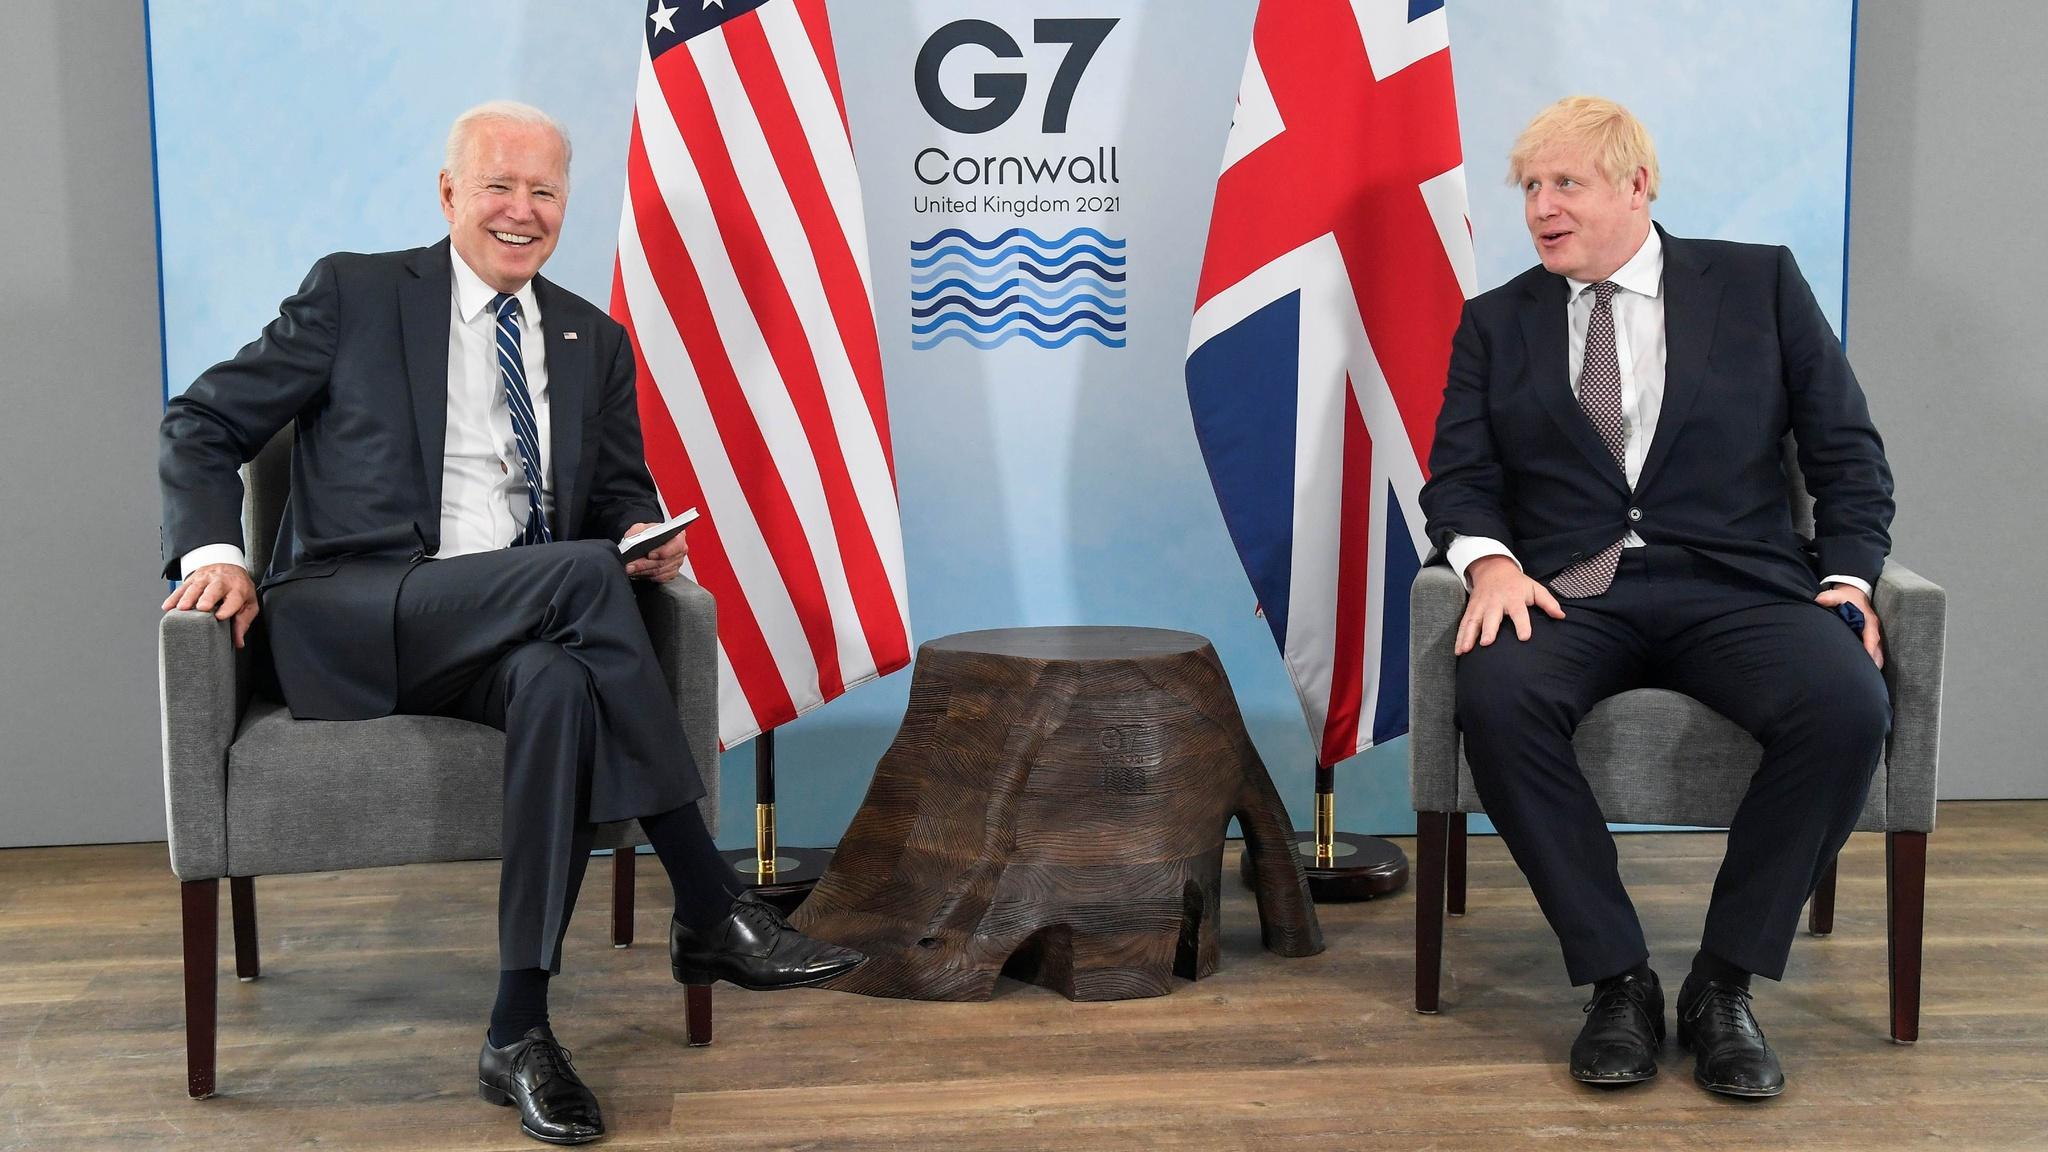 Mỹ - Anh ký hiến chương hợp tác, kêu gọi điều tra Covid-19 - ảnh 1